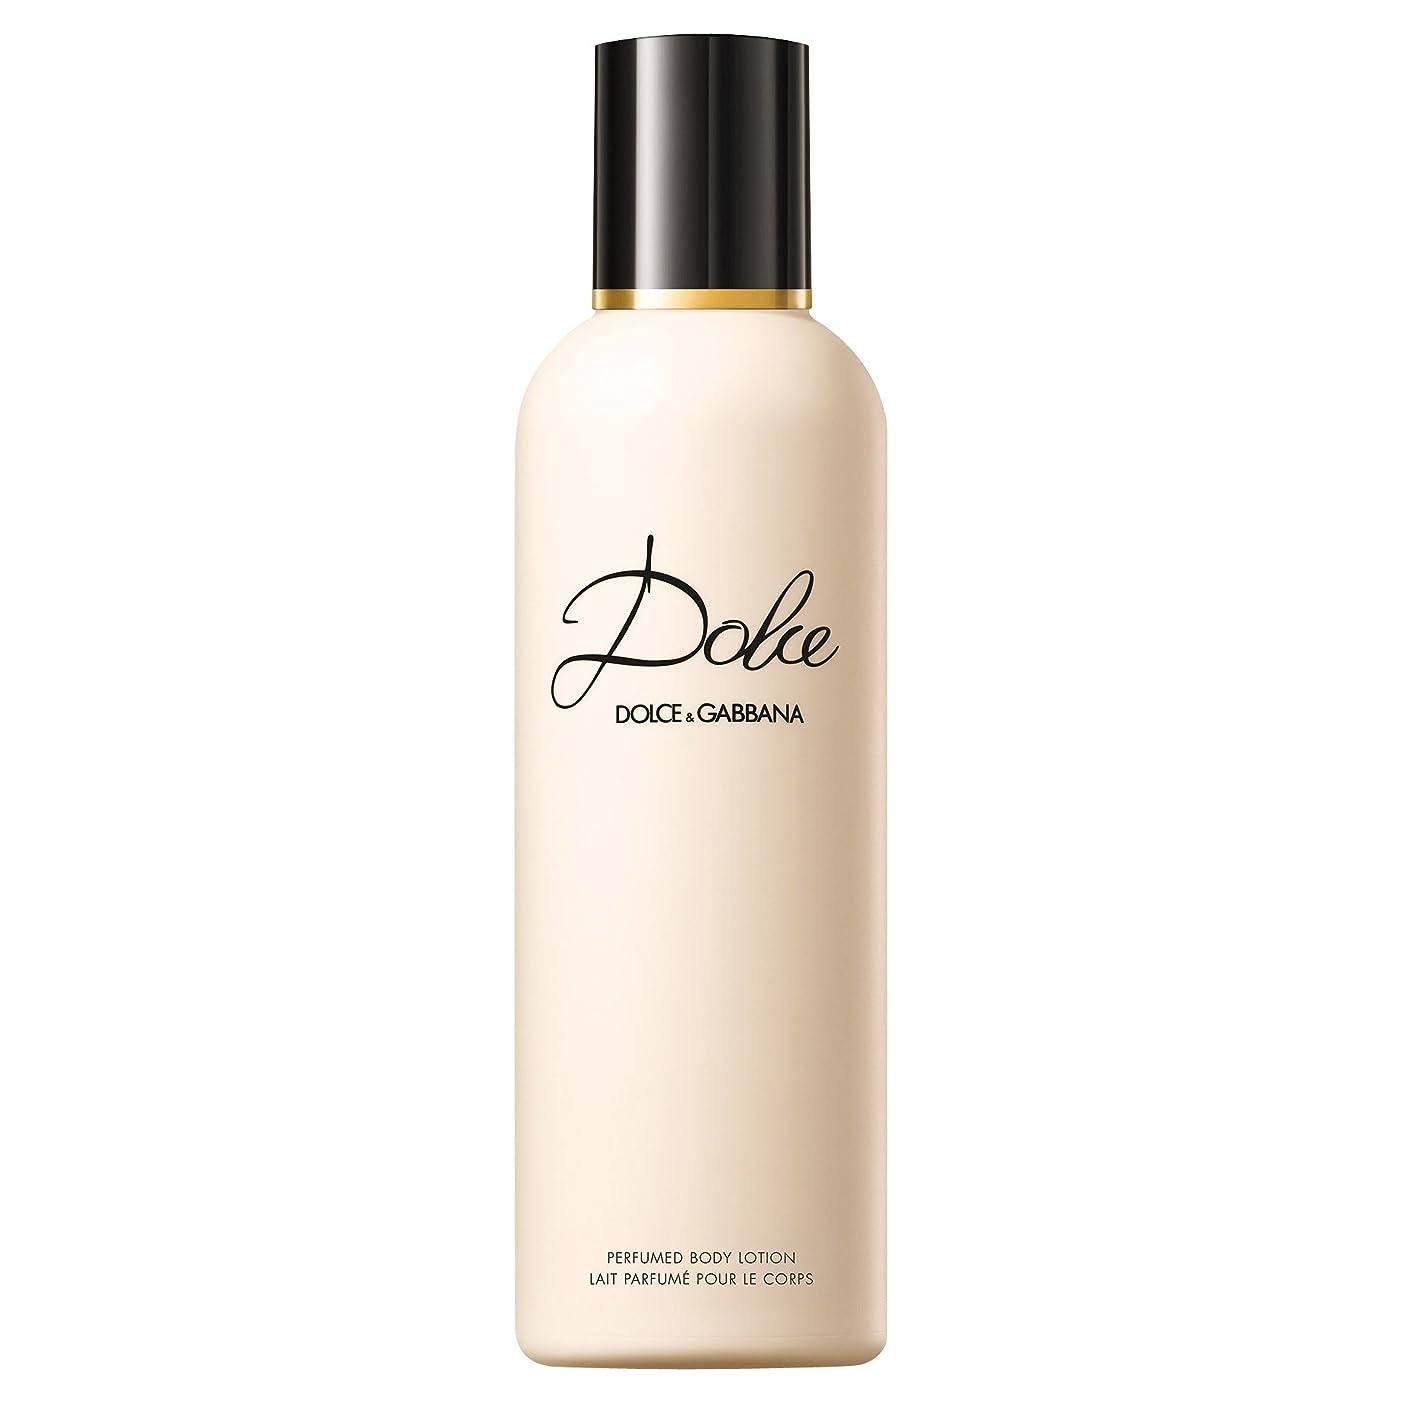 明らか不変に対処するドルチェ&ガッバーナドルチェのボディローション200ミリリットル (Dolce & Gabbana) (x6) - Dolce & Gabbana Dolce Body Lotion 200ml (Pack of 6) [並行輸入品]